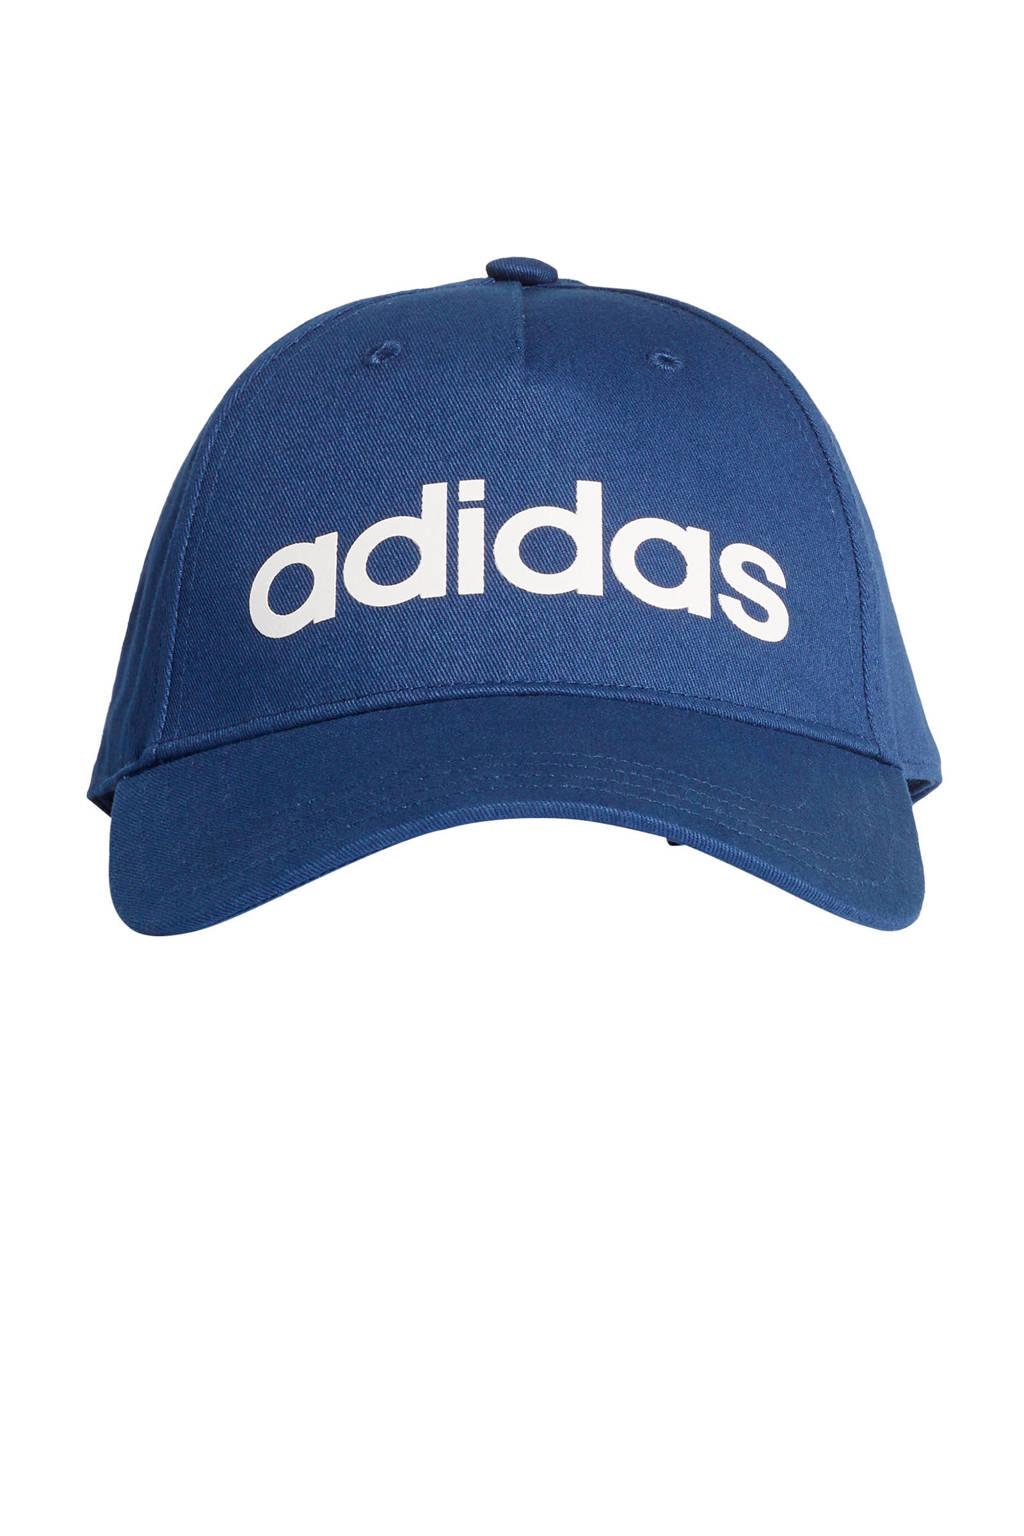 adidas Performance pet blauw/wit, Blauw/wit